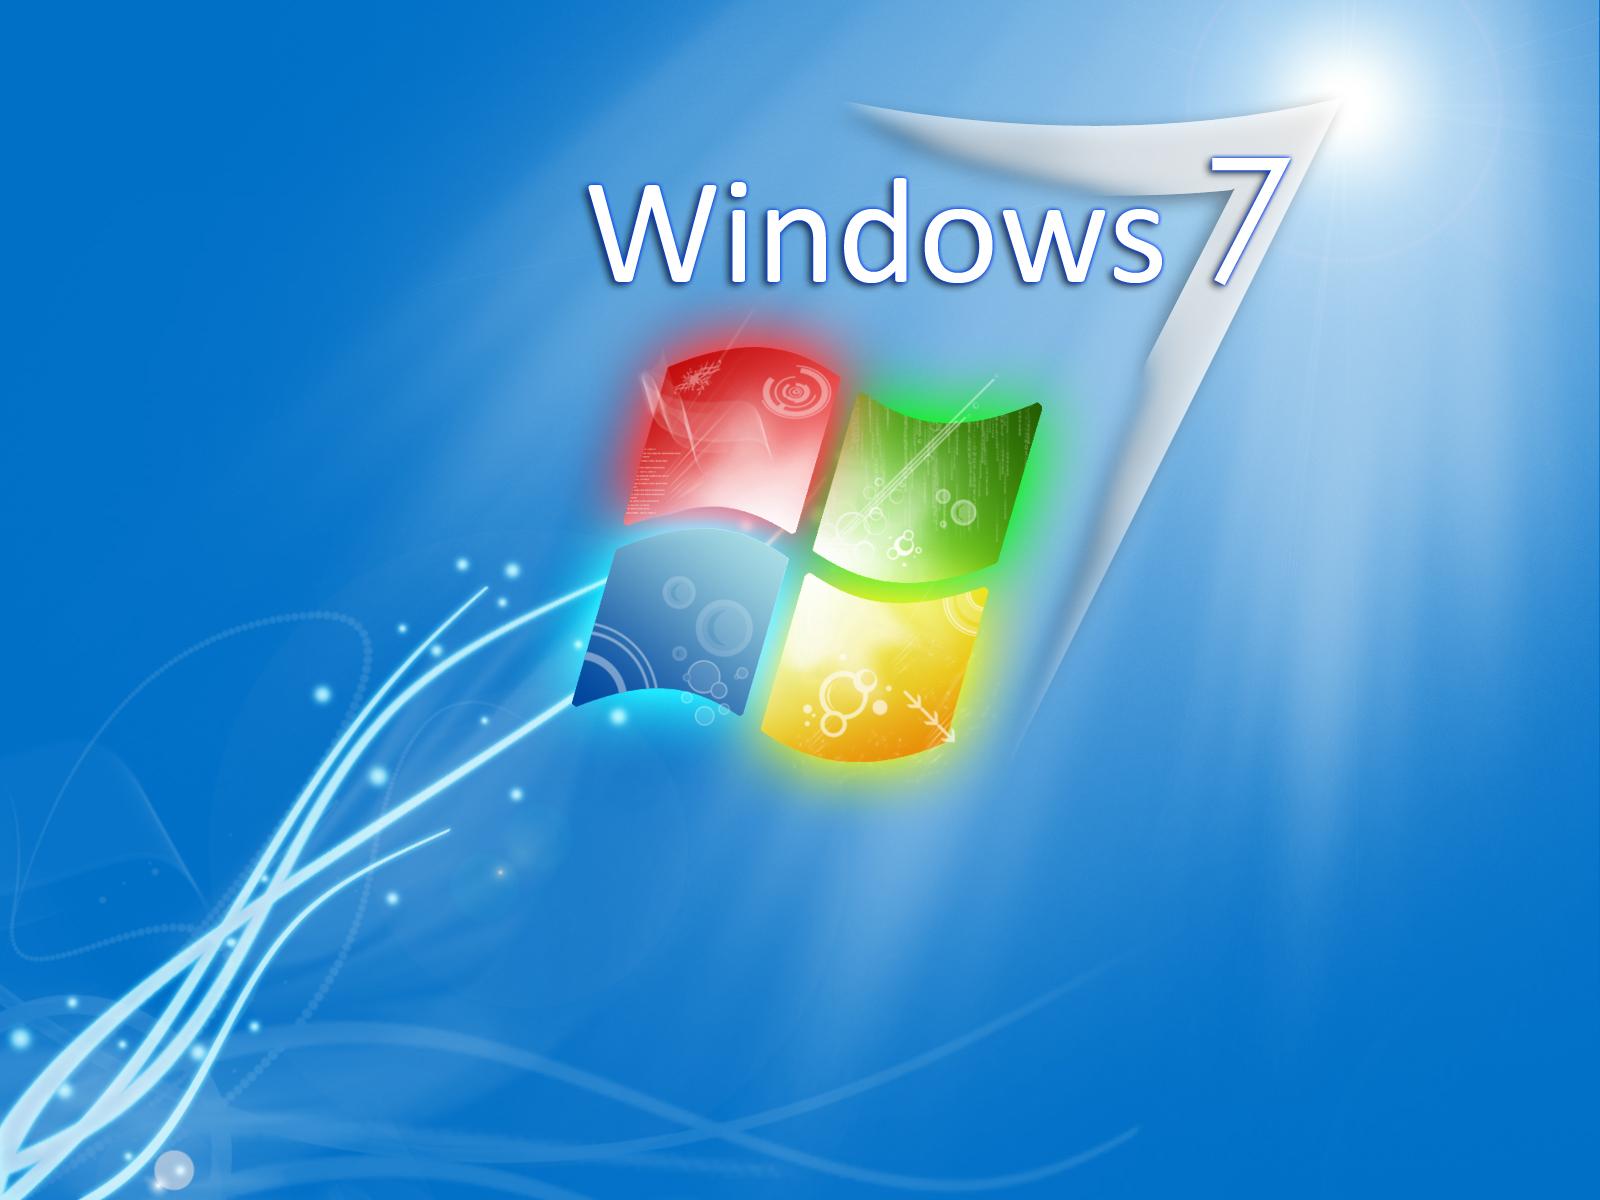 http://2.bp.blogspot.com/-74tbzUJcq8A/T-nSsNHIX_I/AAAAAAAABoU/howjIllzViU/s1600/windows%2B7%2Bwallpaper%2Bhd%2B11.jpg